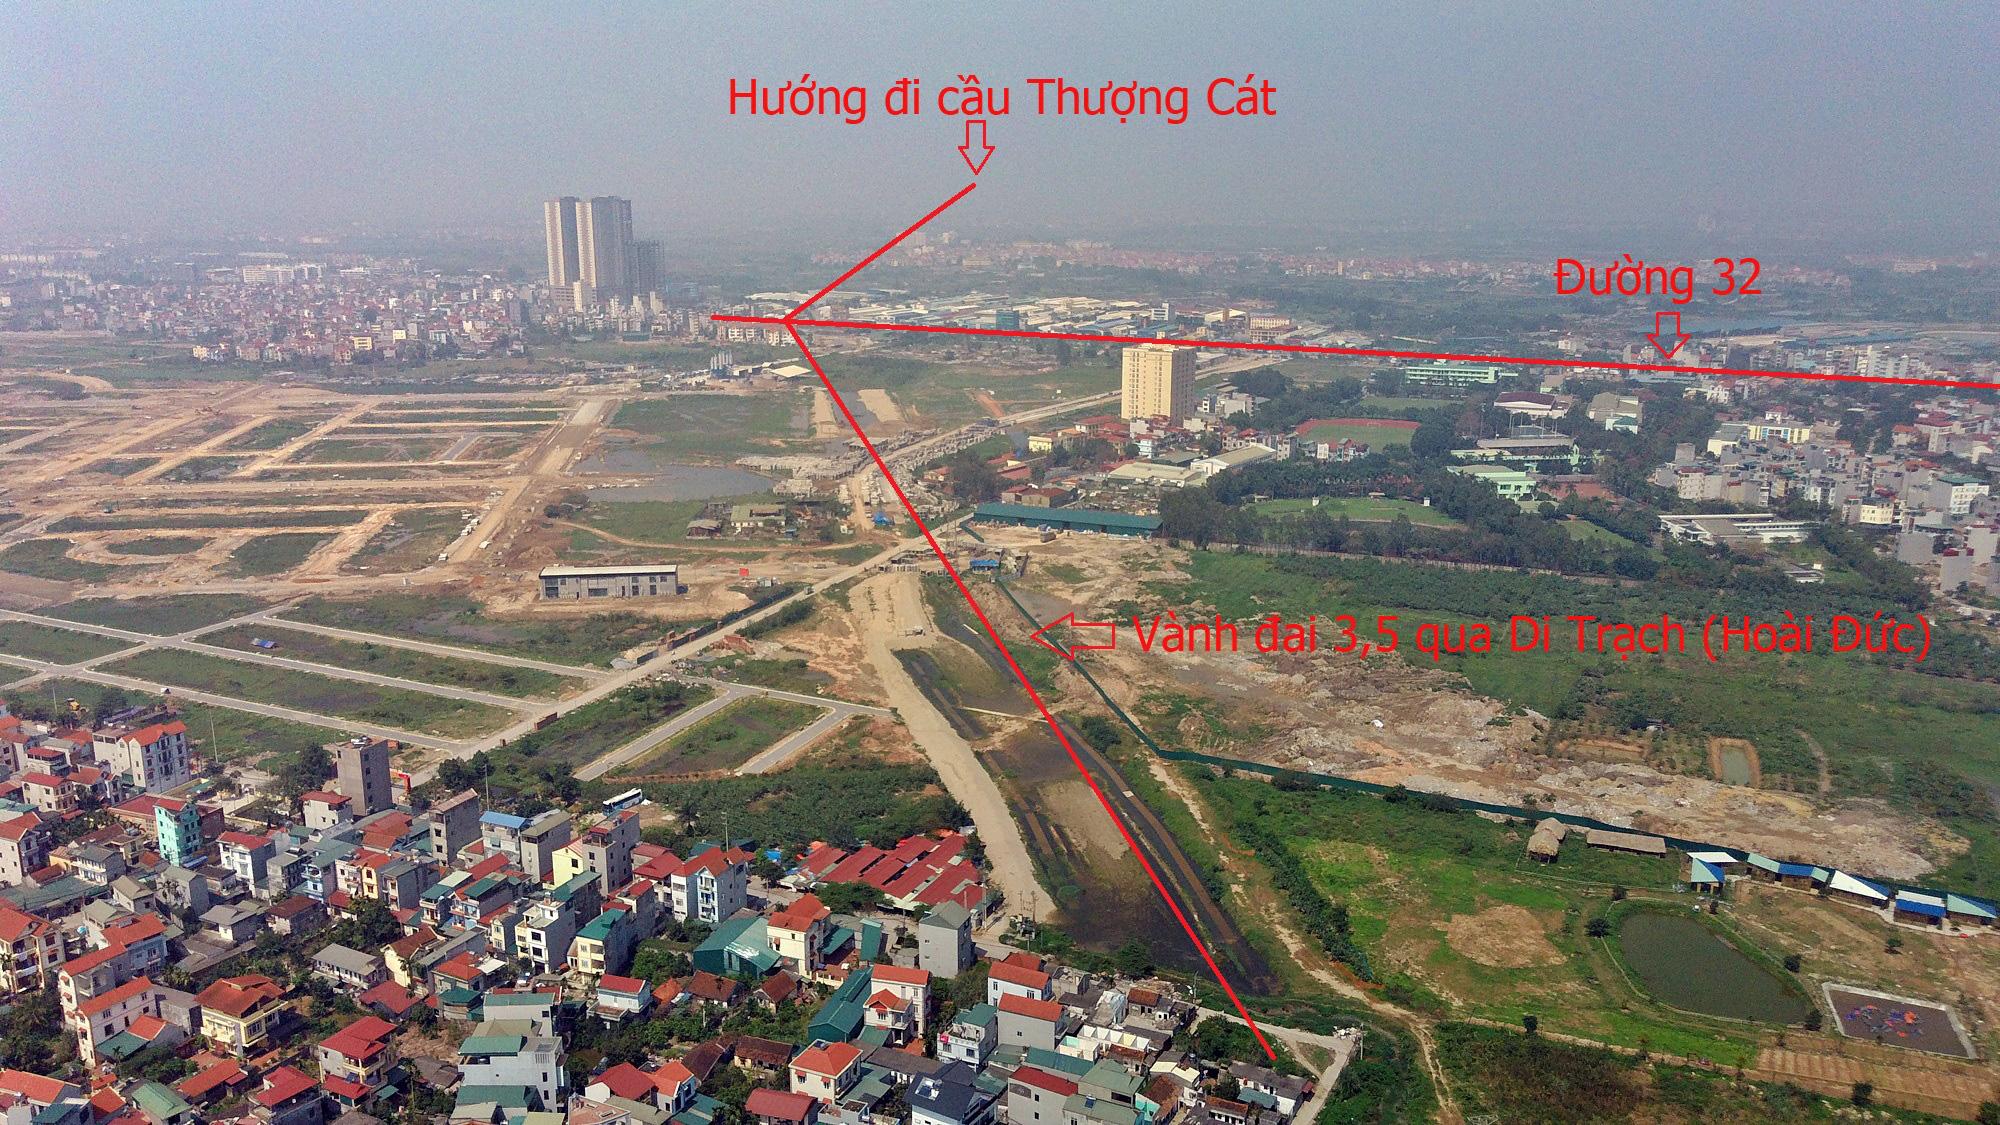 Cầu sẽ mở theo qui hoạch ở Hà Nội: Toàn cảnh cầu Thượng Cát nối Bắc Từ Liêm với Đông Anh - Ảnh 9.